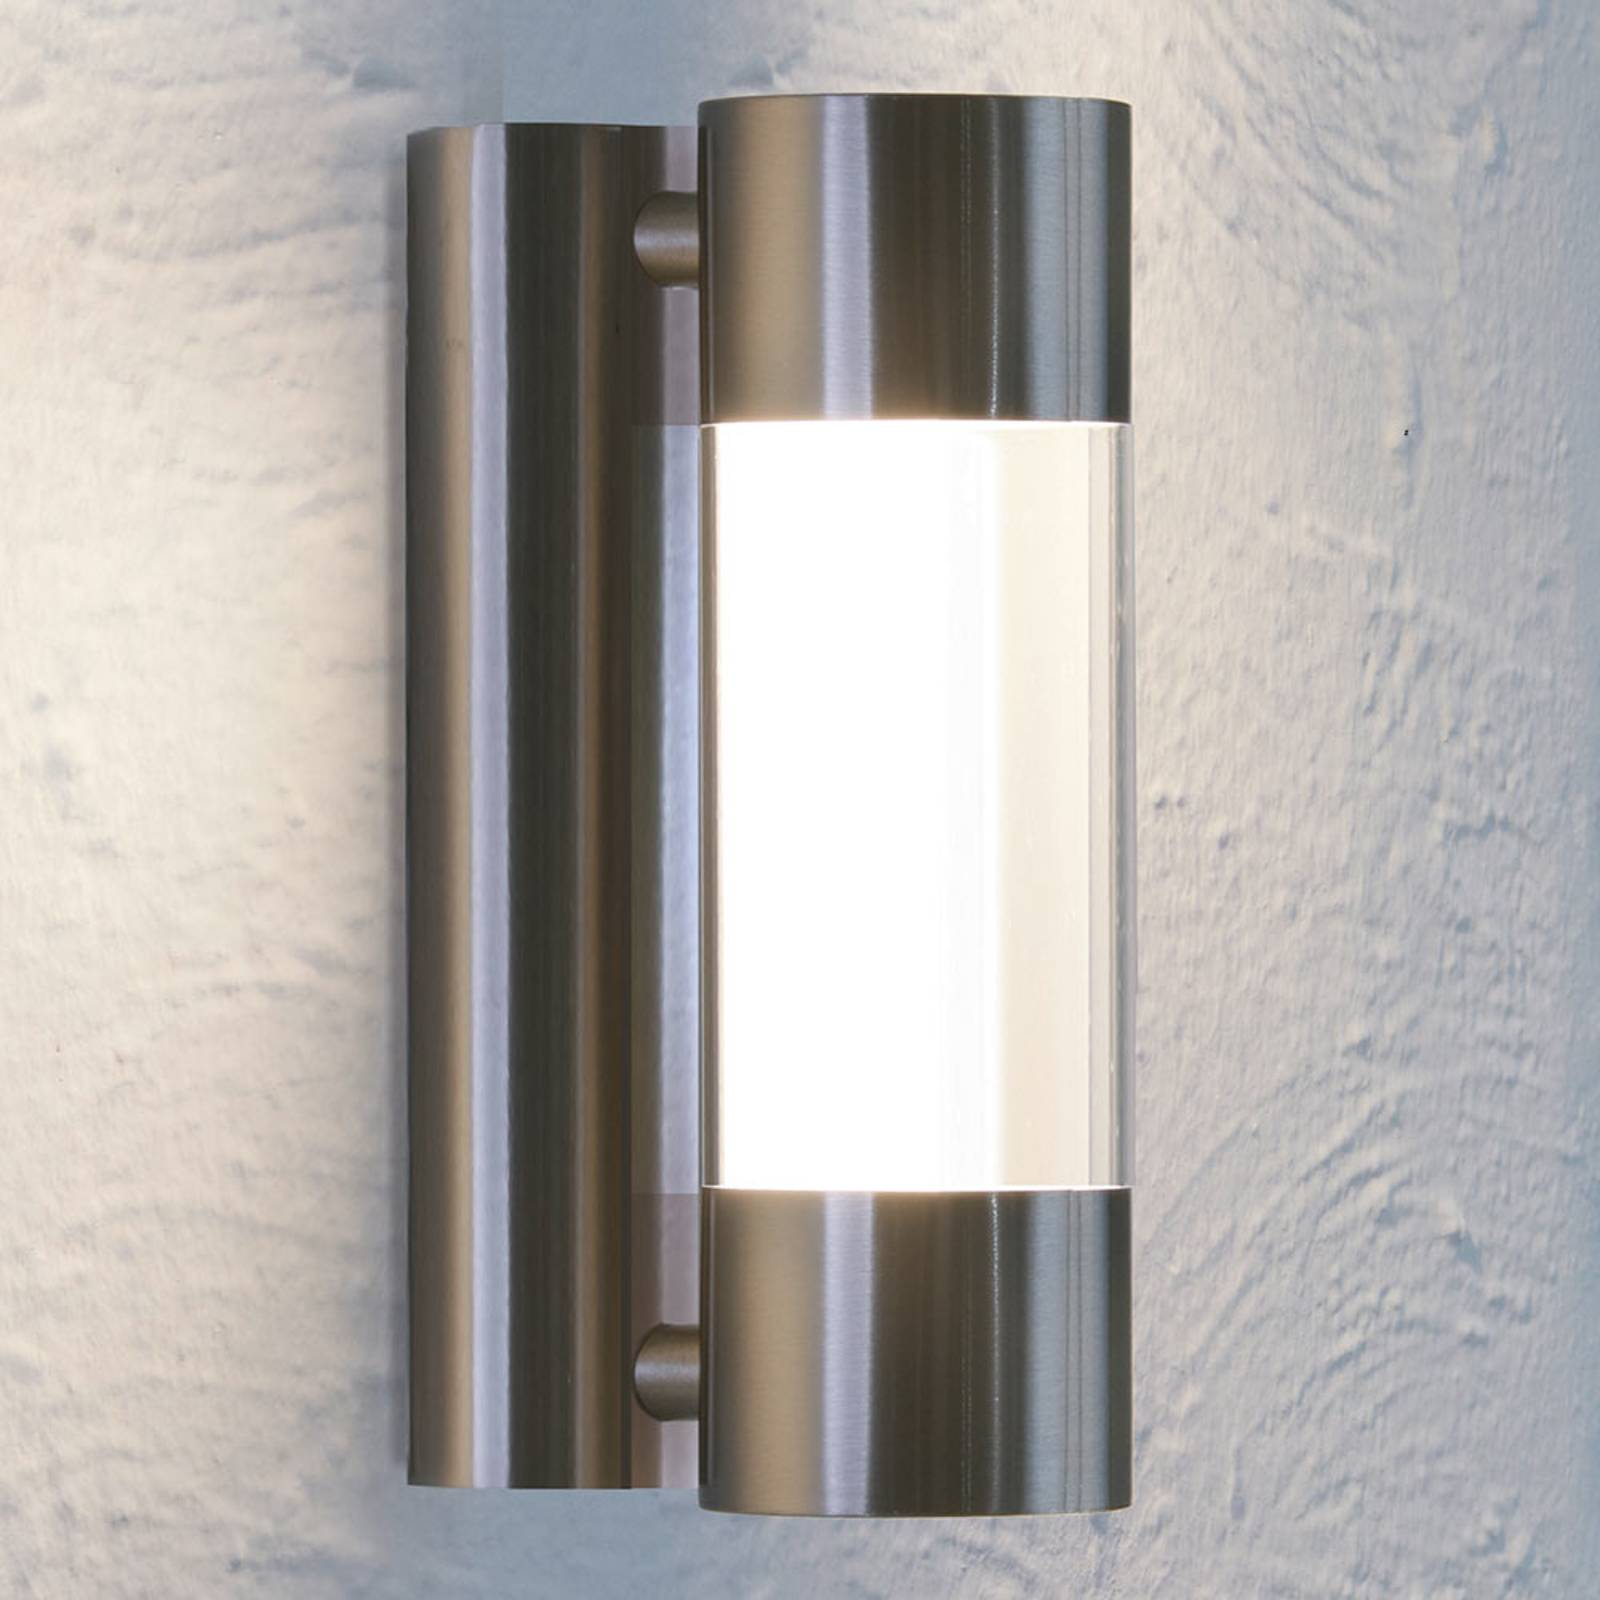 LED-ulkoseinävalaisin Robledo, ruostumaton teräs